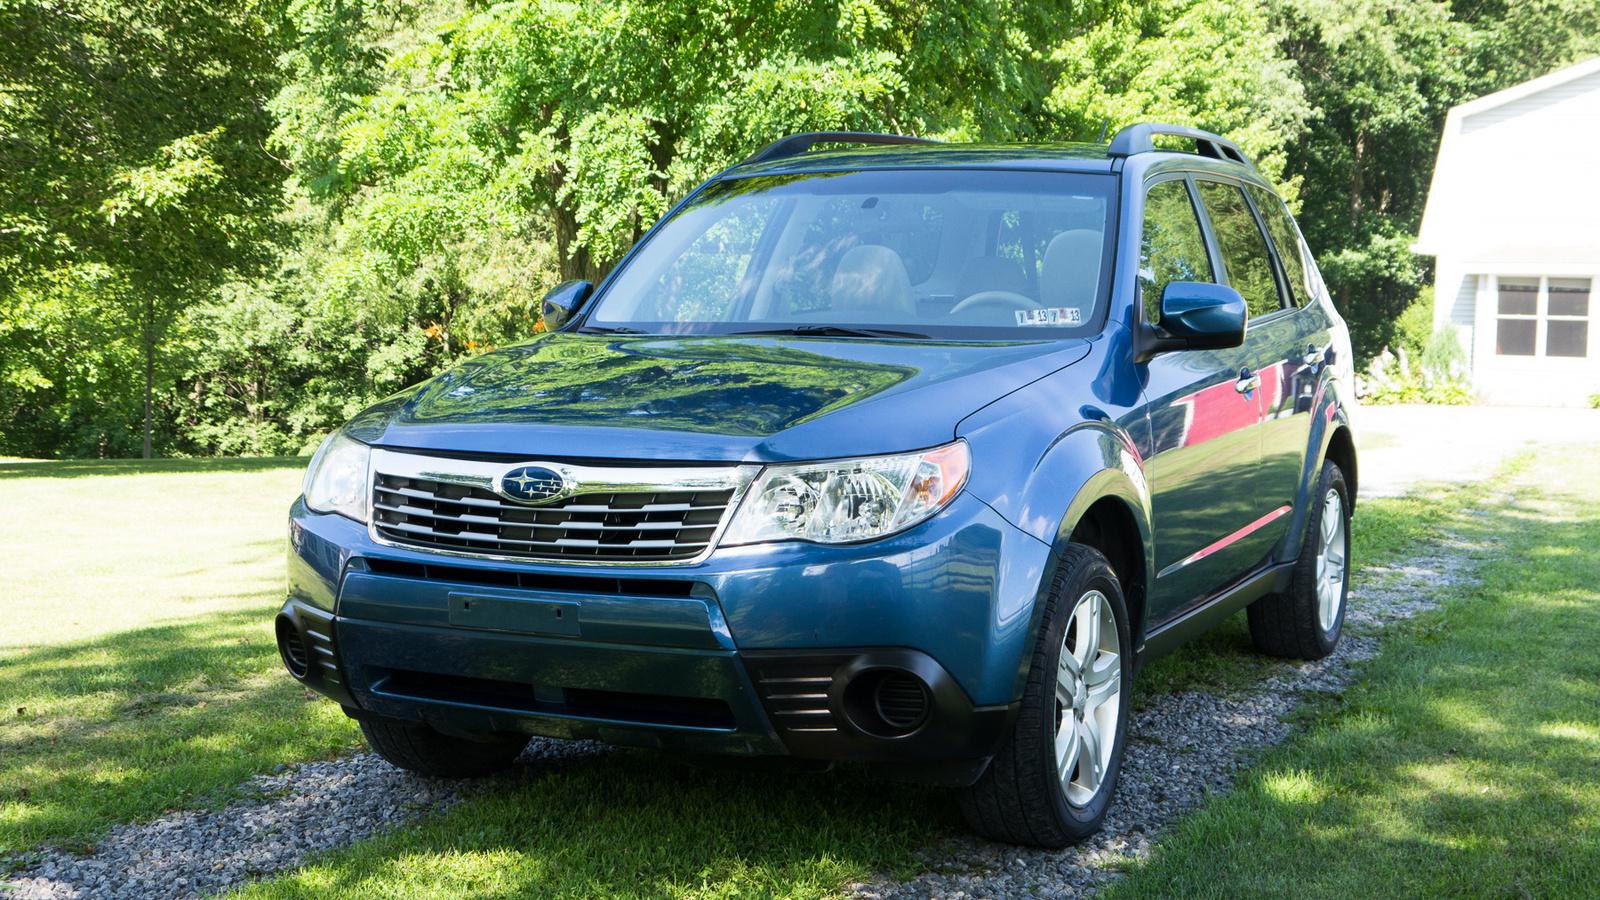 2010 Subaru Forester Pictures Cargurus